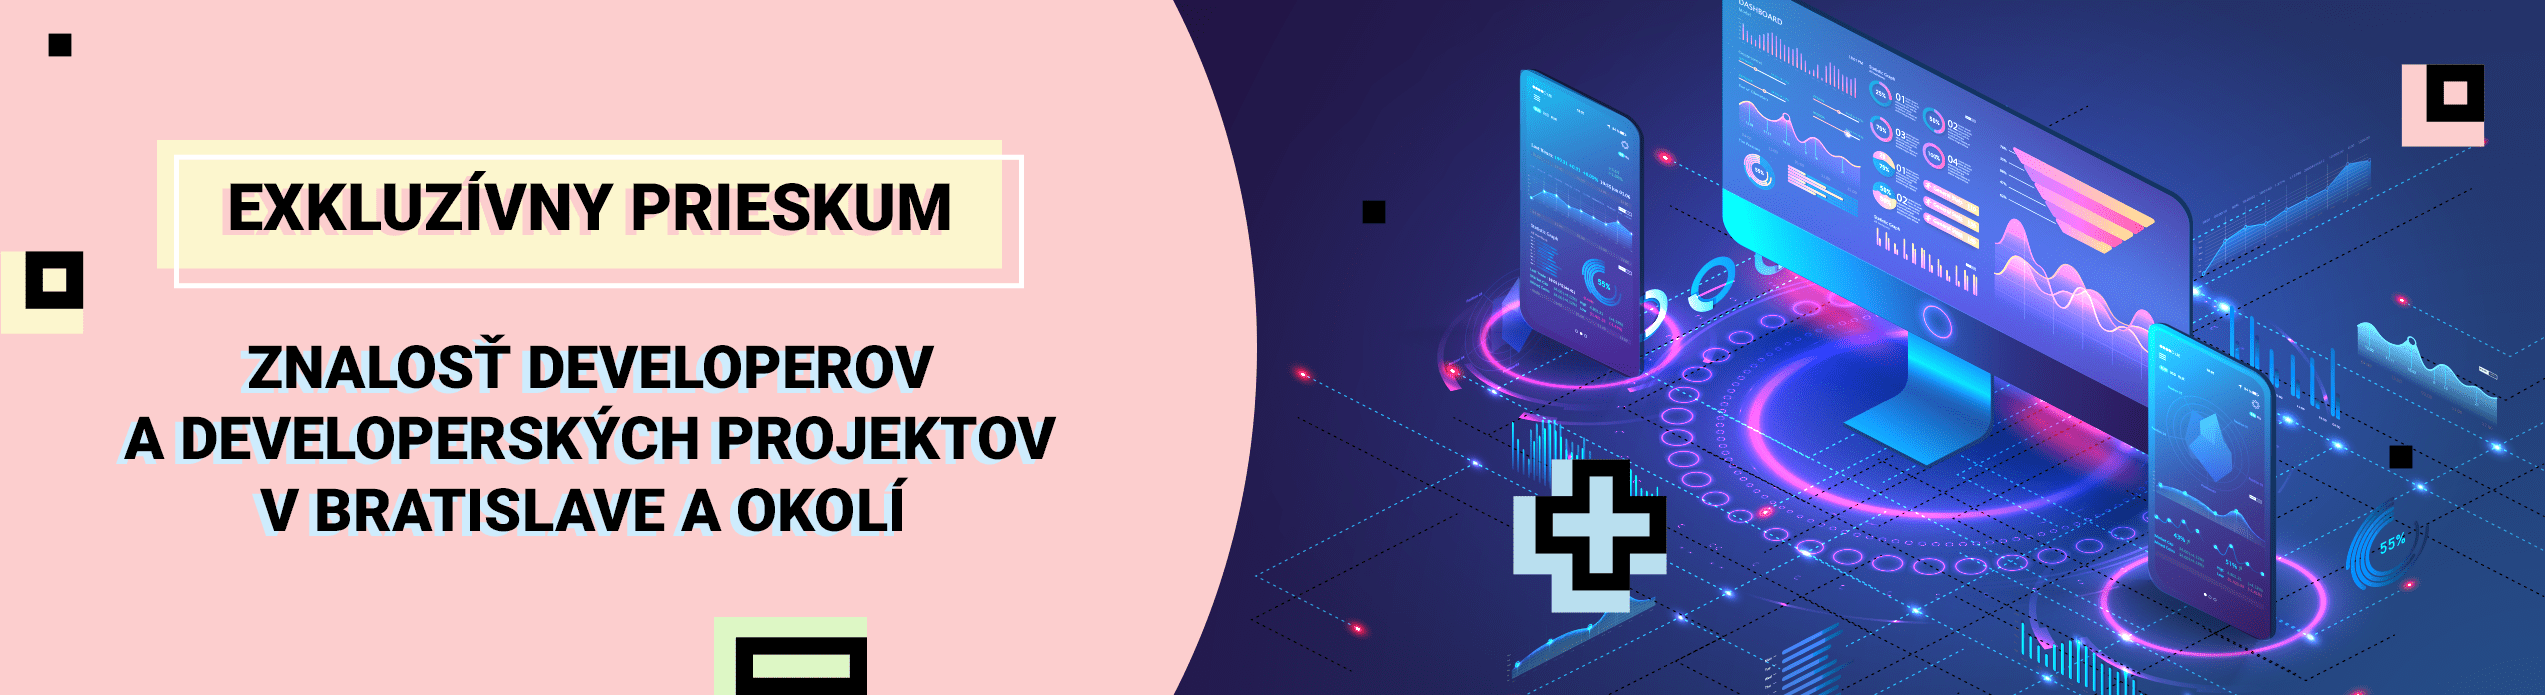 Výsledky exkluzívneho prieskumu: Znalosť developerov a developerských projektov v Bratislave a okolí